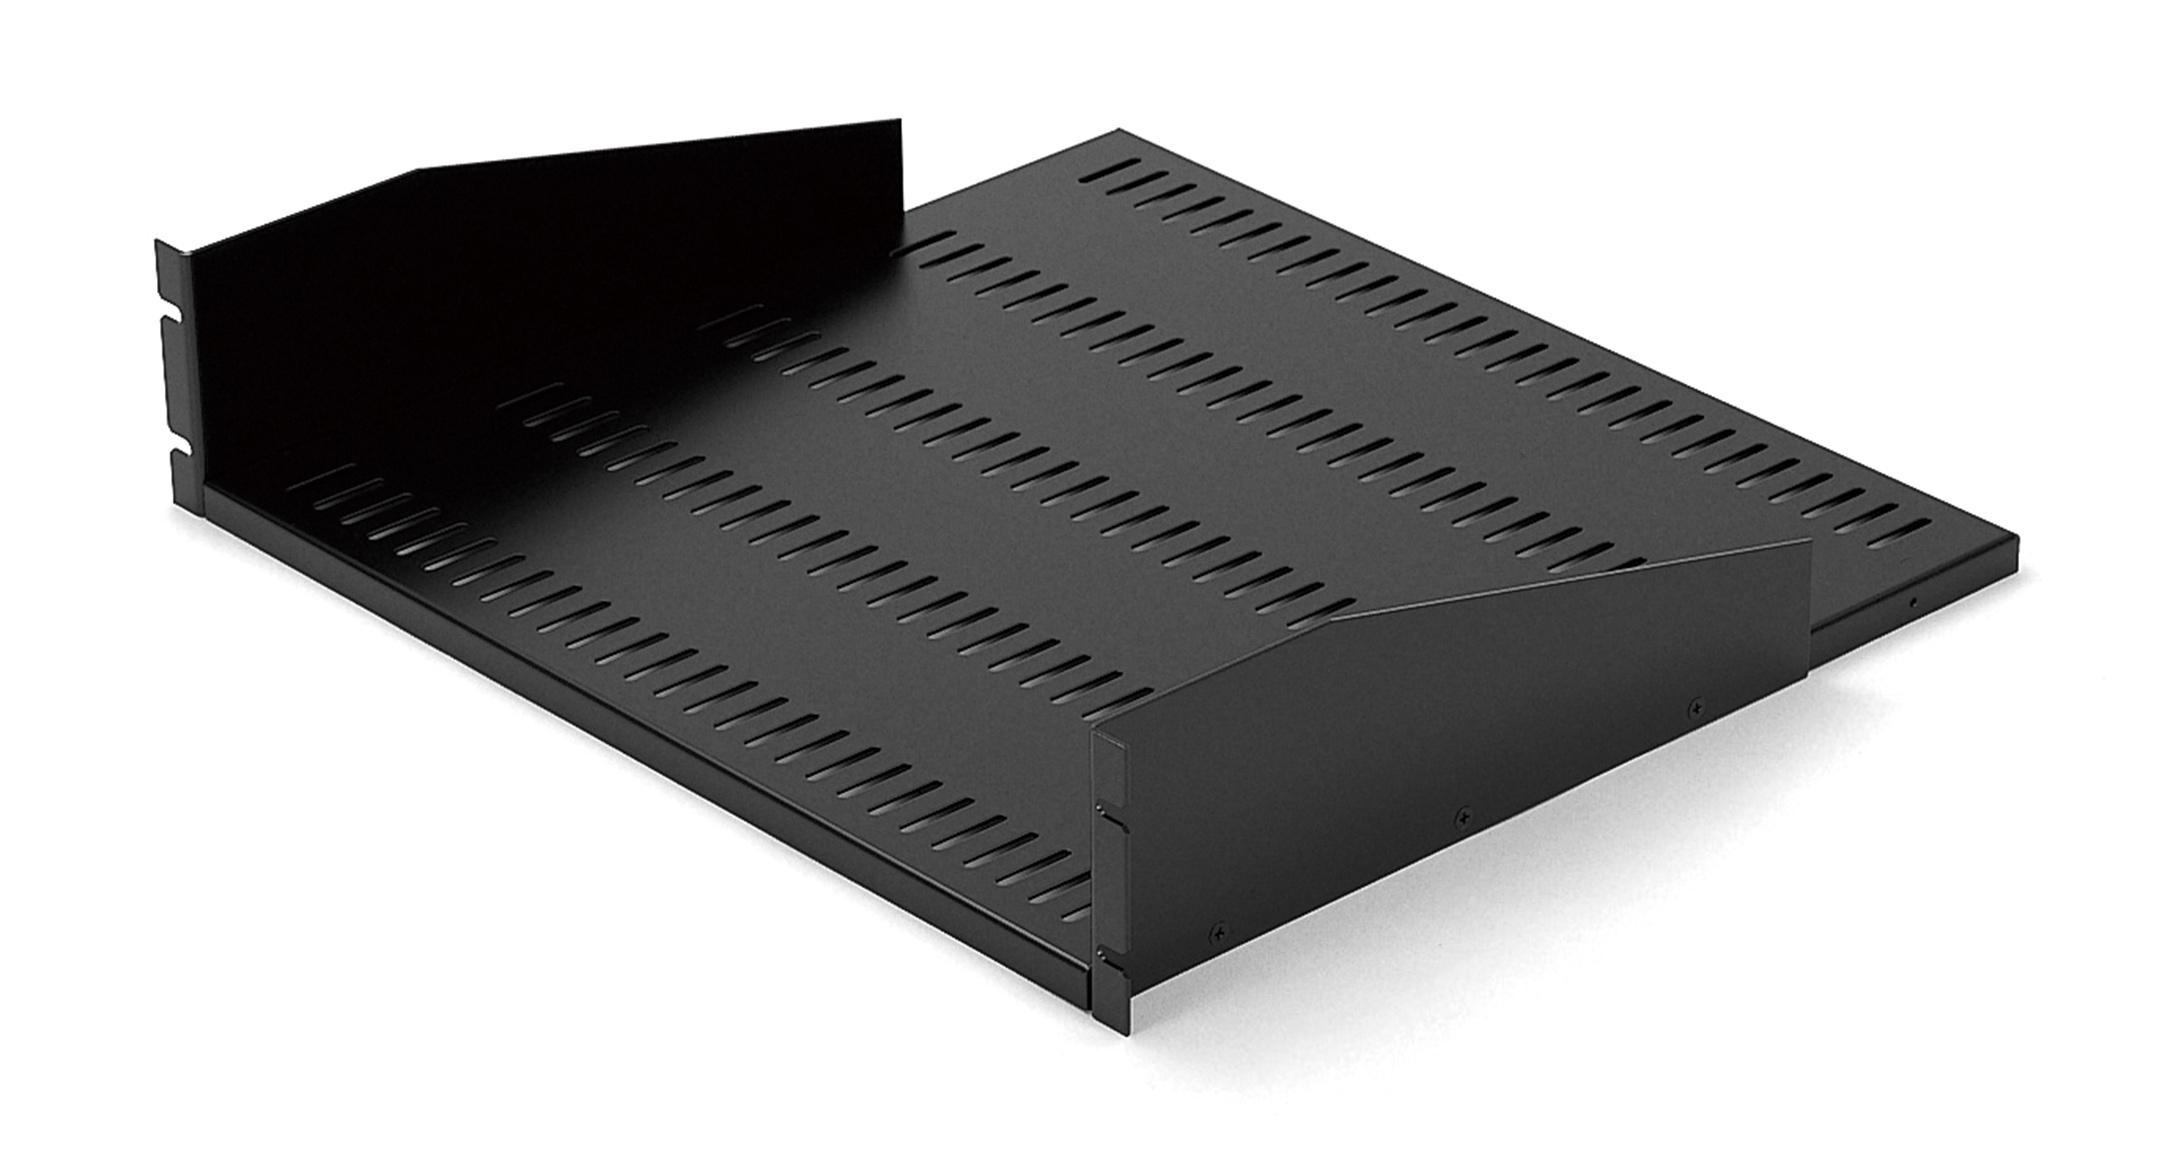 放熱スリット付JISラック収納棚 HRJシリーズの画像